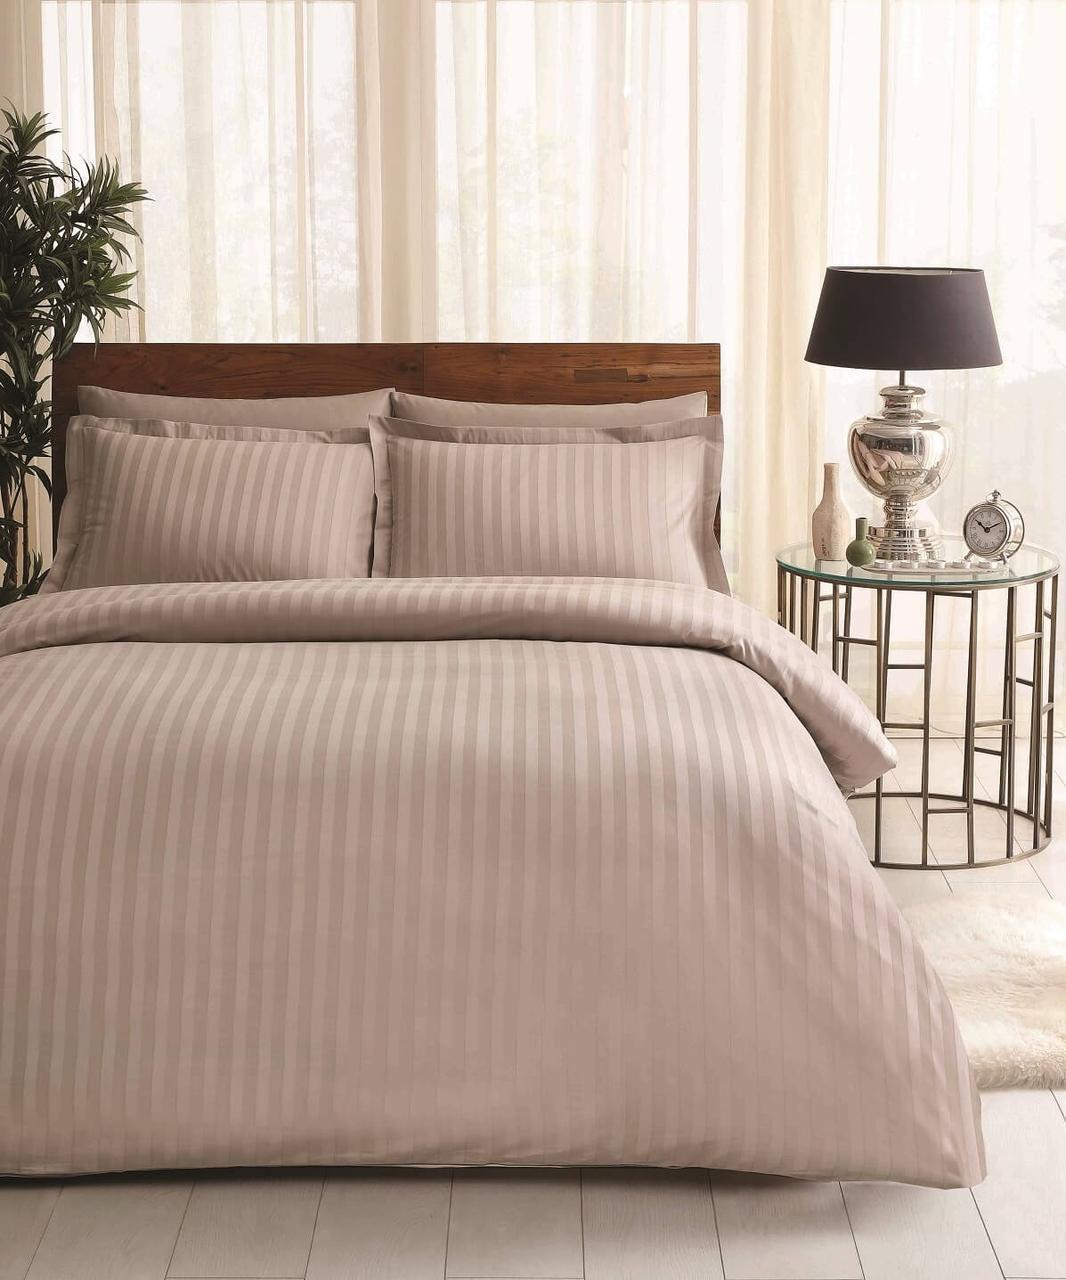 Двуспальное евро постельное белье TAC Place Vizon Сатин-Жаккард